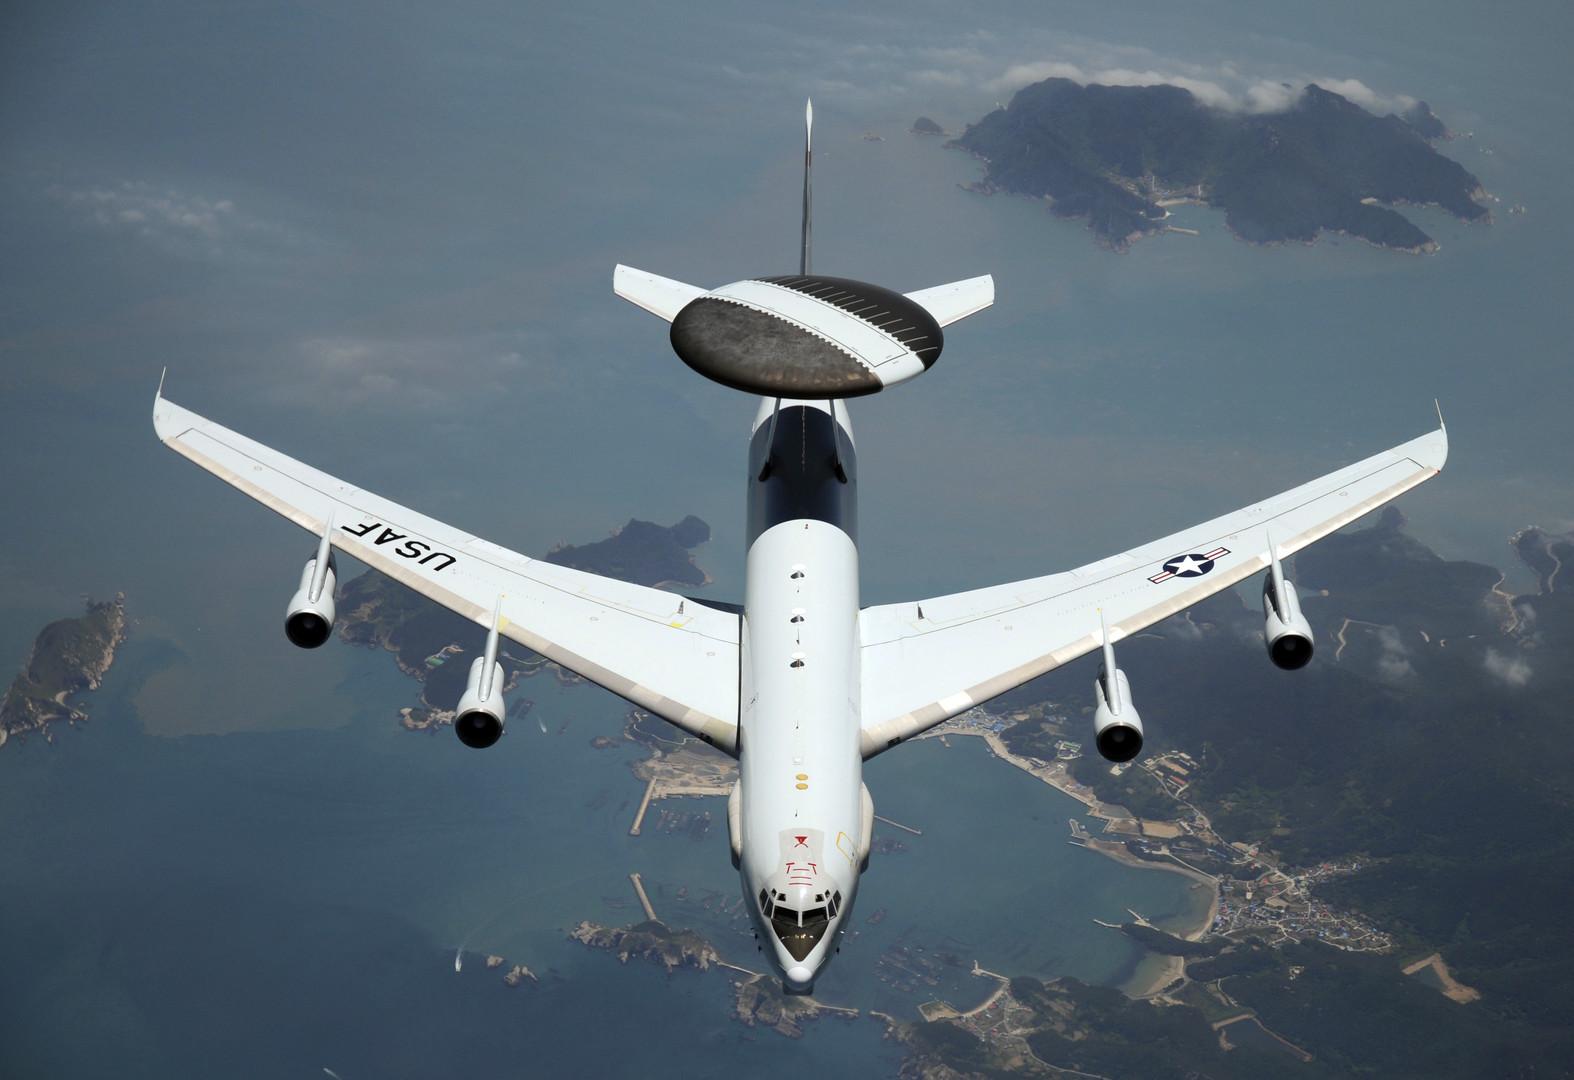 اندلاع النيران في محرك طائرة تجسس أمريكية أثناء التحليق